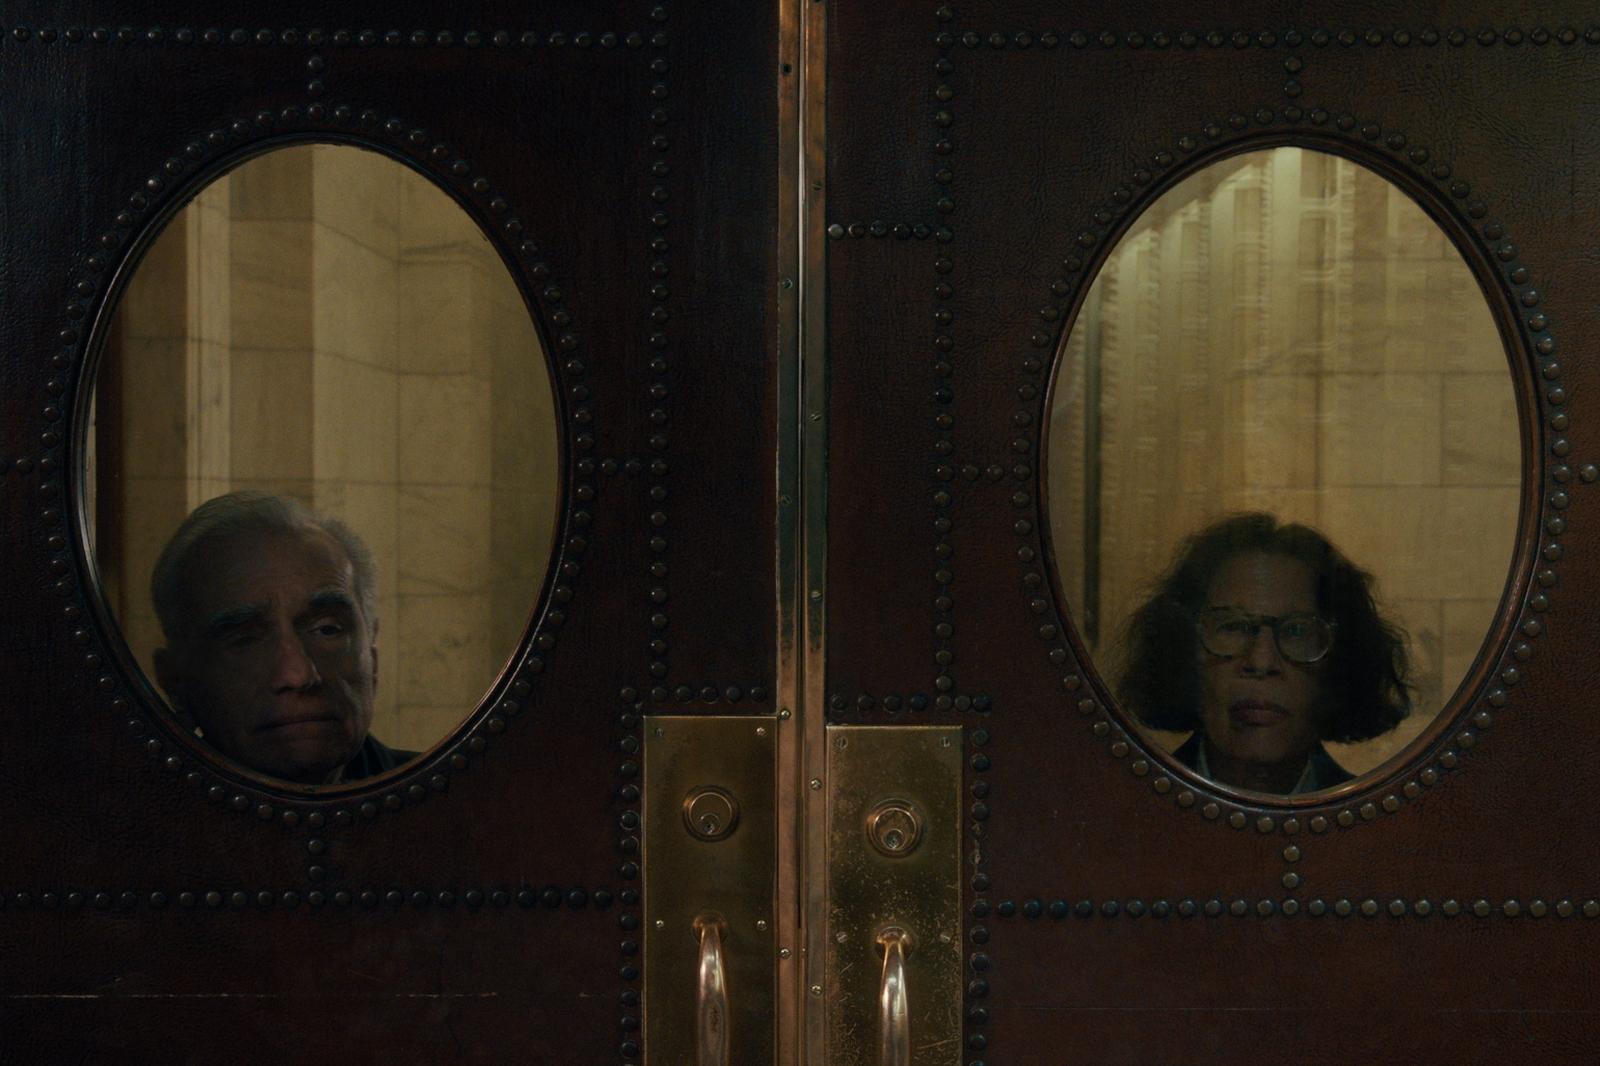 A imagem é uma cena de Faz de Conta que NY é uma Cidade. Nela, Martin Scorsese e Fran Lebowitz estão atrás de uma porta, com seus rostos posicionados em um vão em formato ovalado. Martin Scorsese é um senhor branco, de cabelos grisalhos; e Fran Lebowitz é uma senhora branca, de cabelos castanhos e curtos, ela usa óculos de grau.